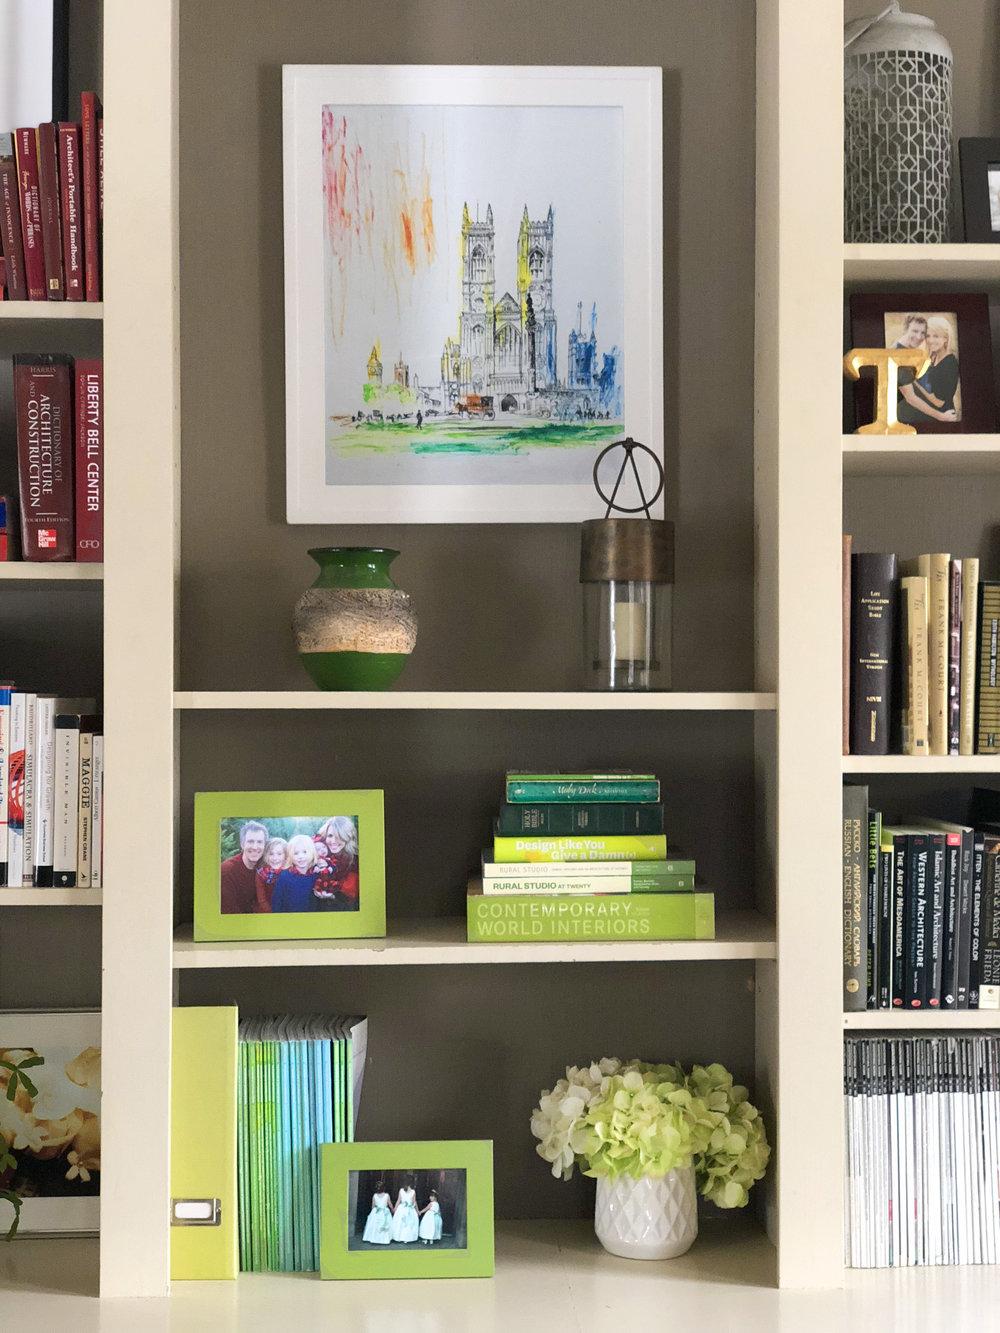 greenbookshelf.jpg